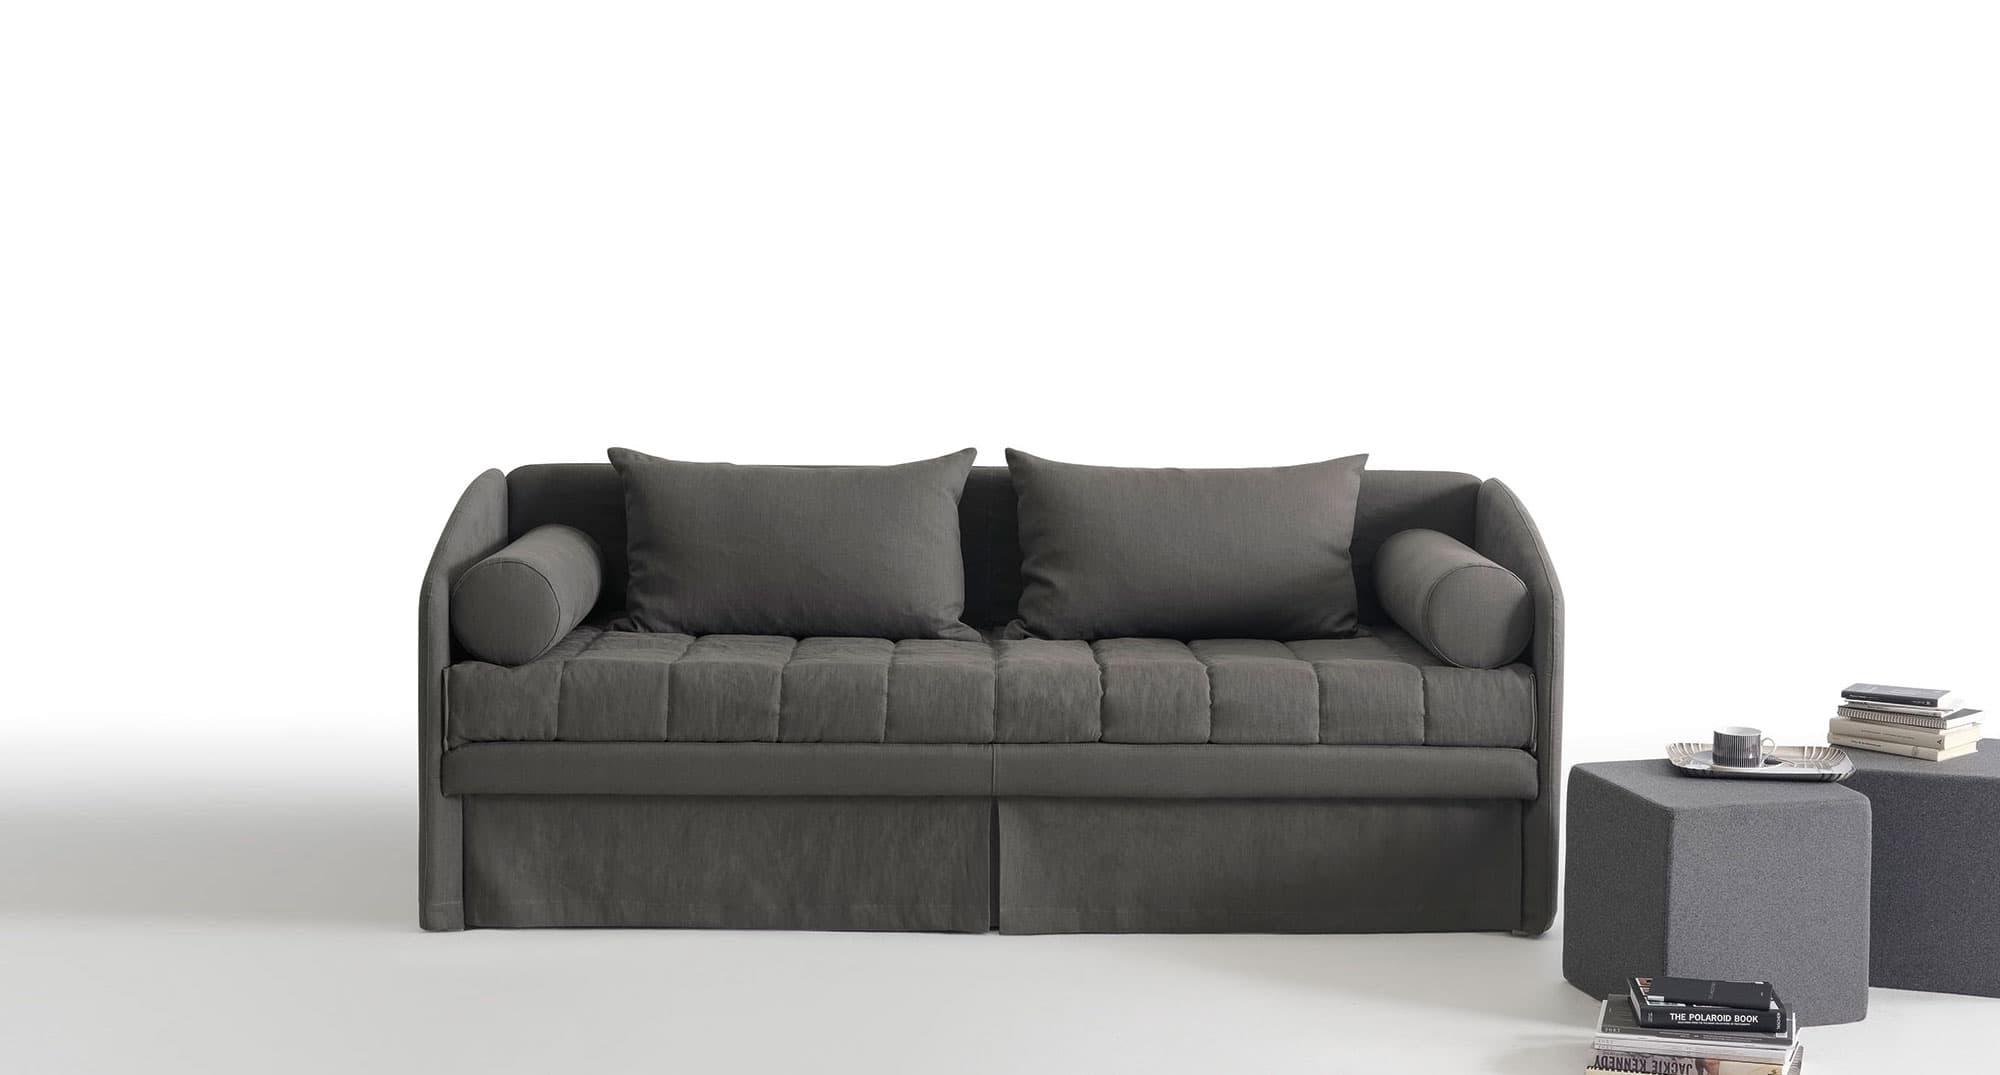 Divano letto carletto plus dema for Struttura letto divano